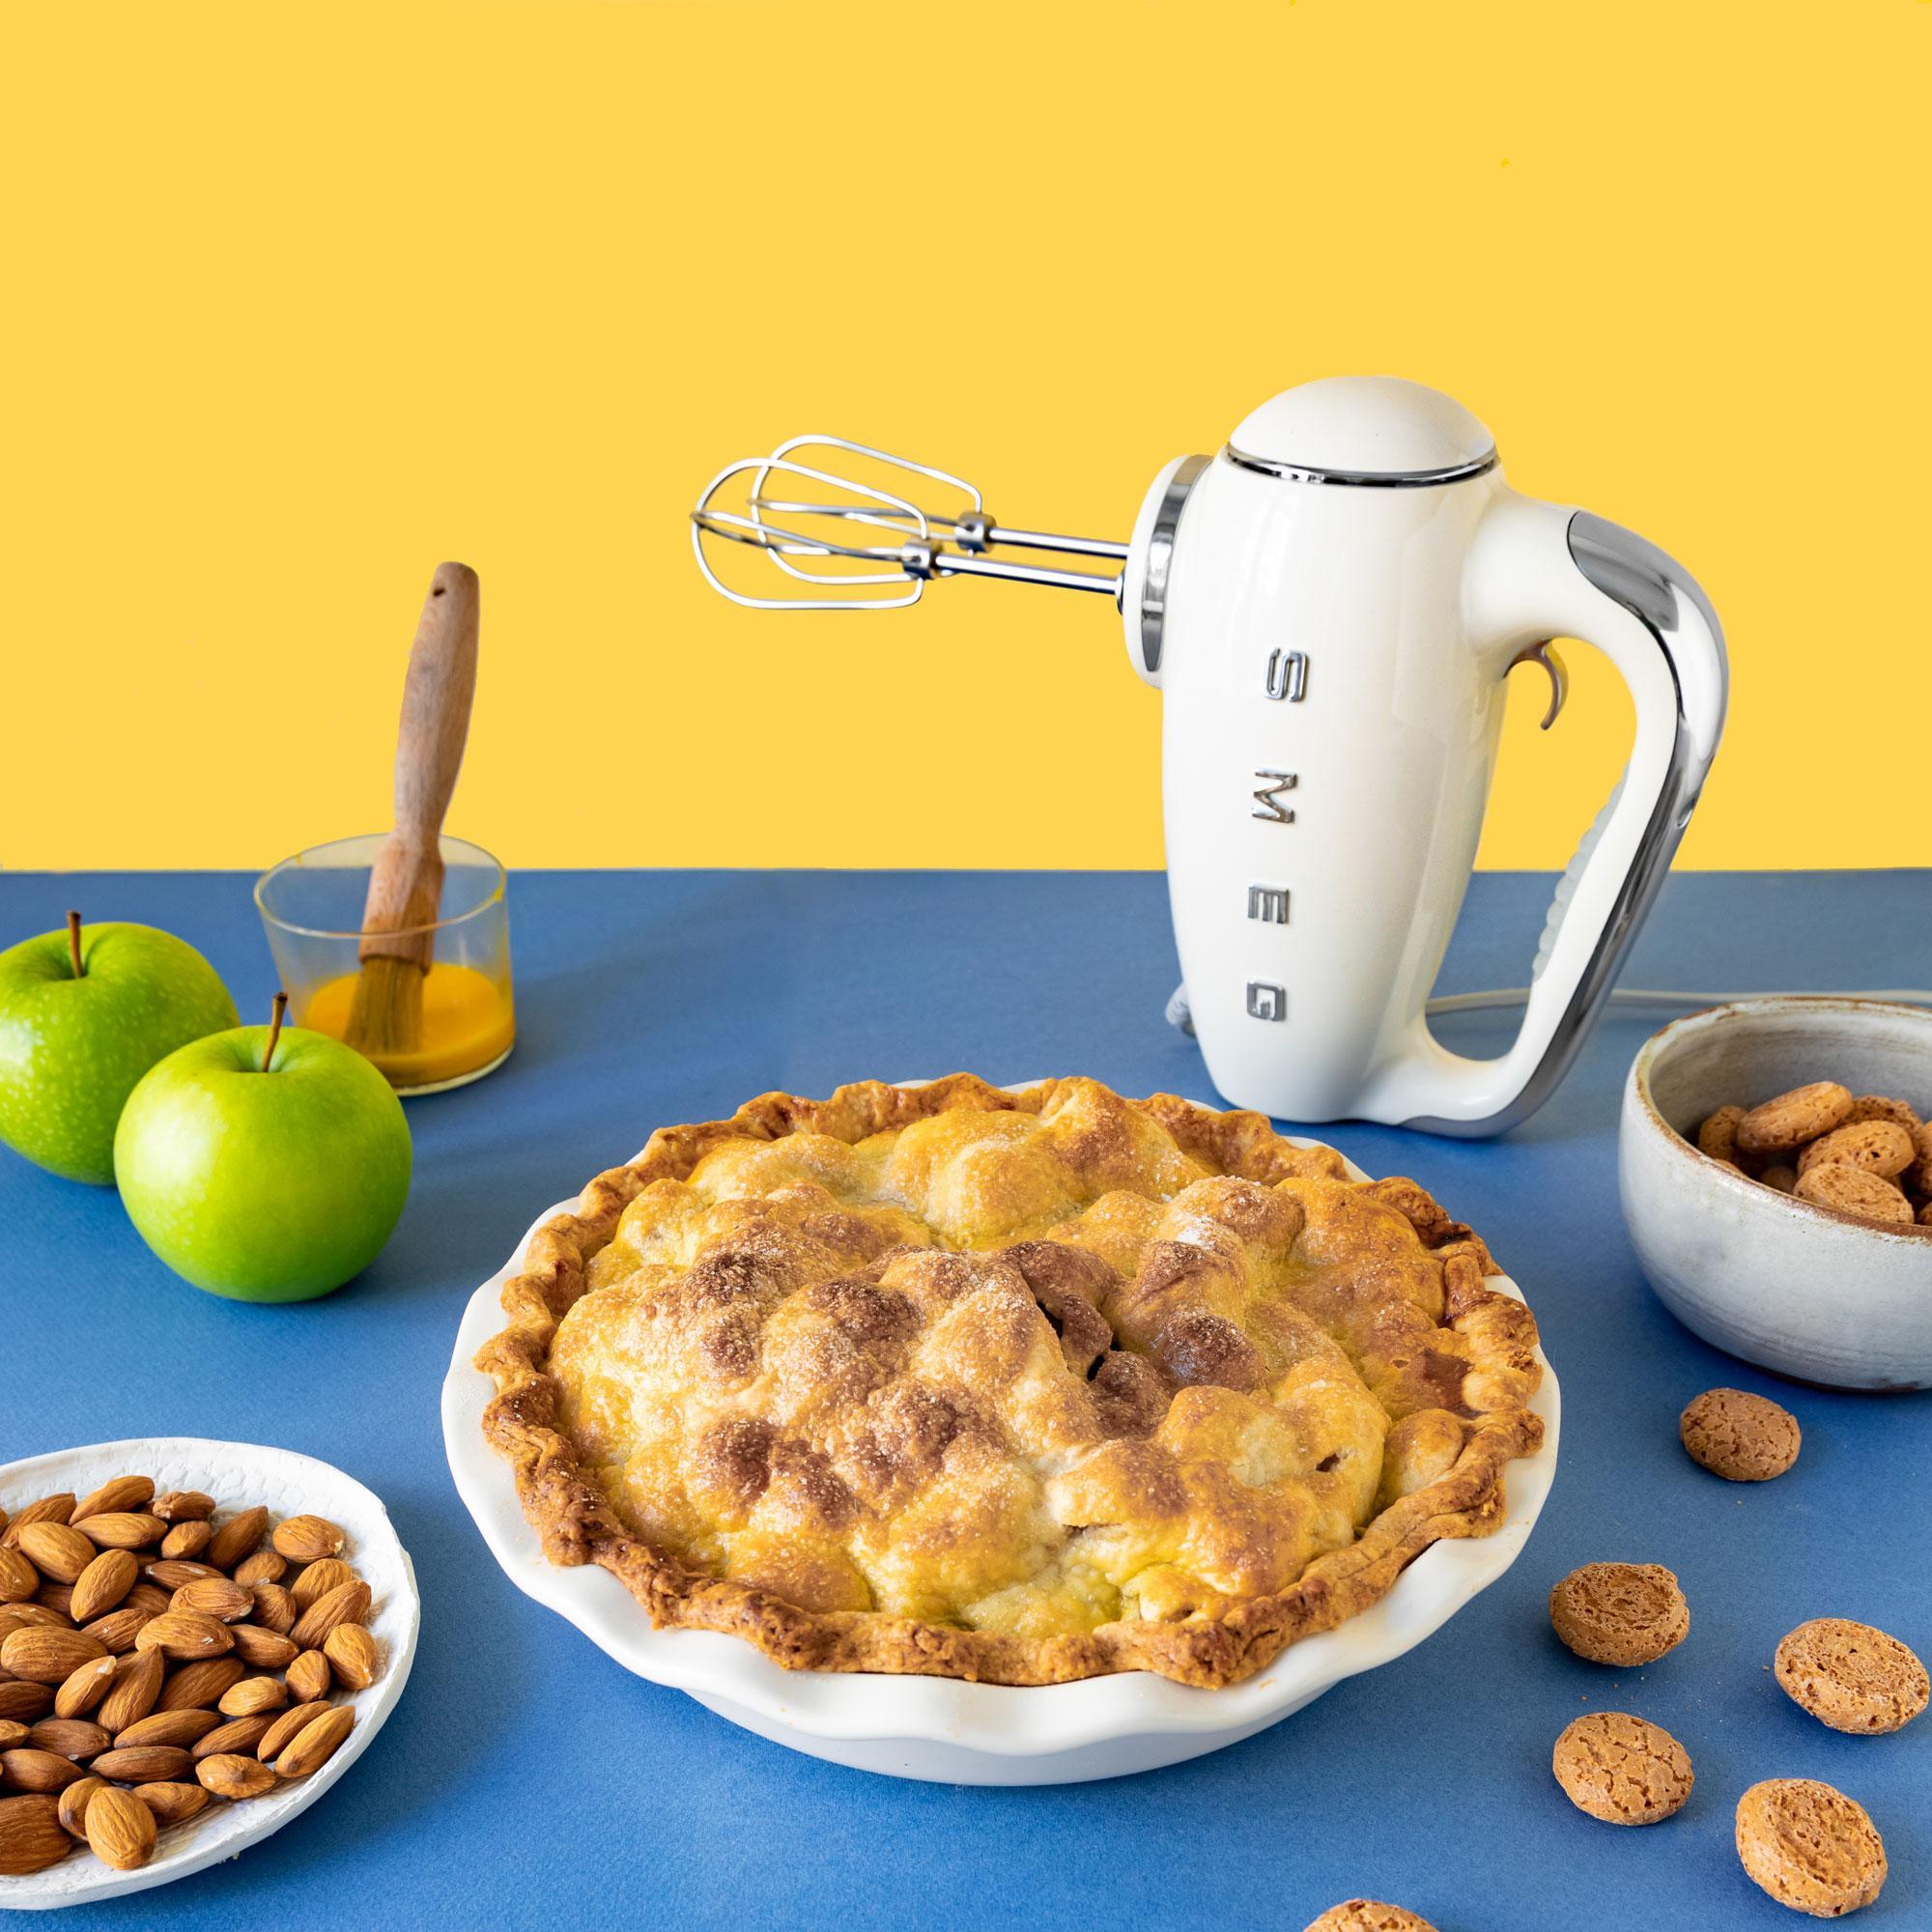 Сезон яблок. Рецепты: яблочный пирог сминдалем иамаретти, витаминный сок